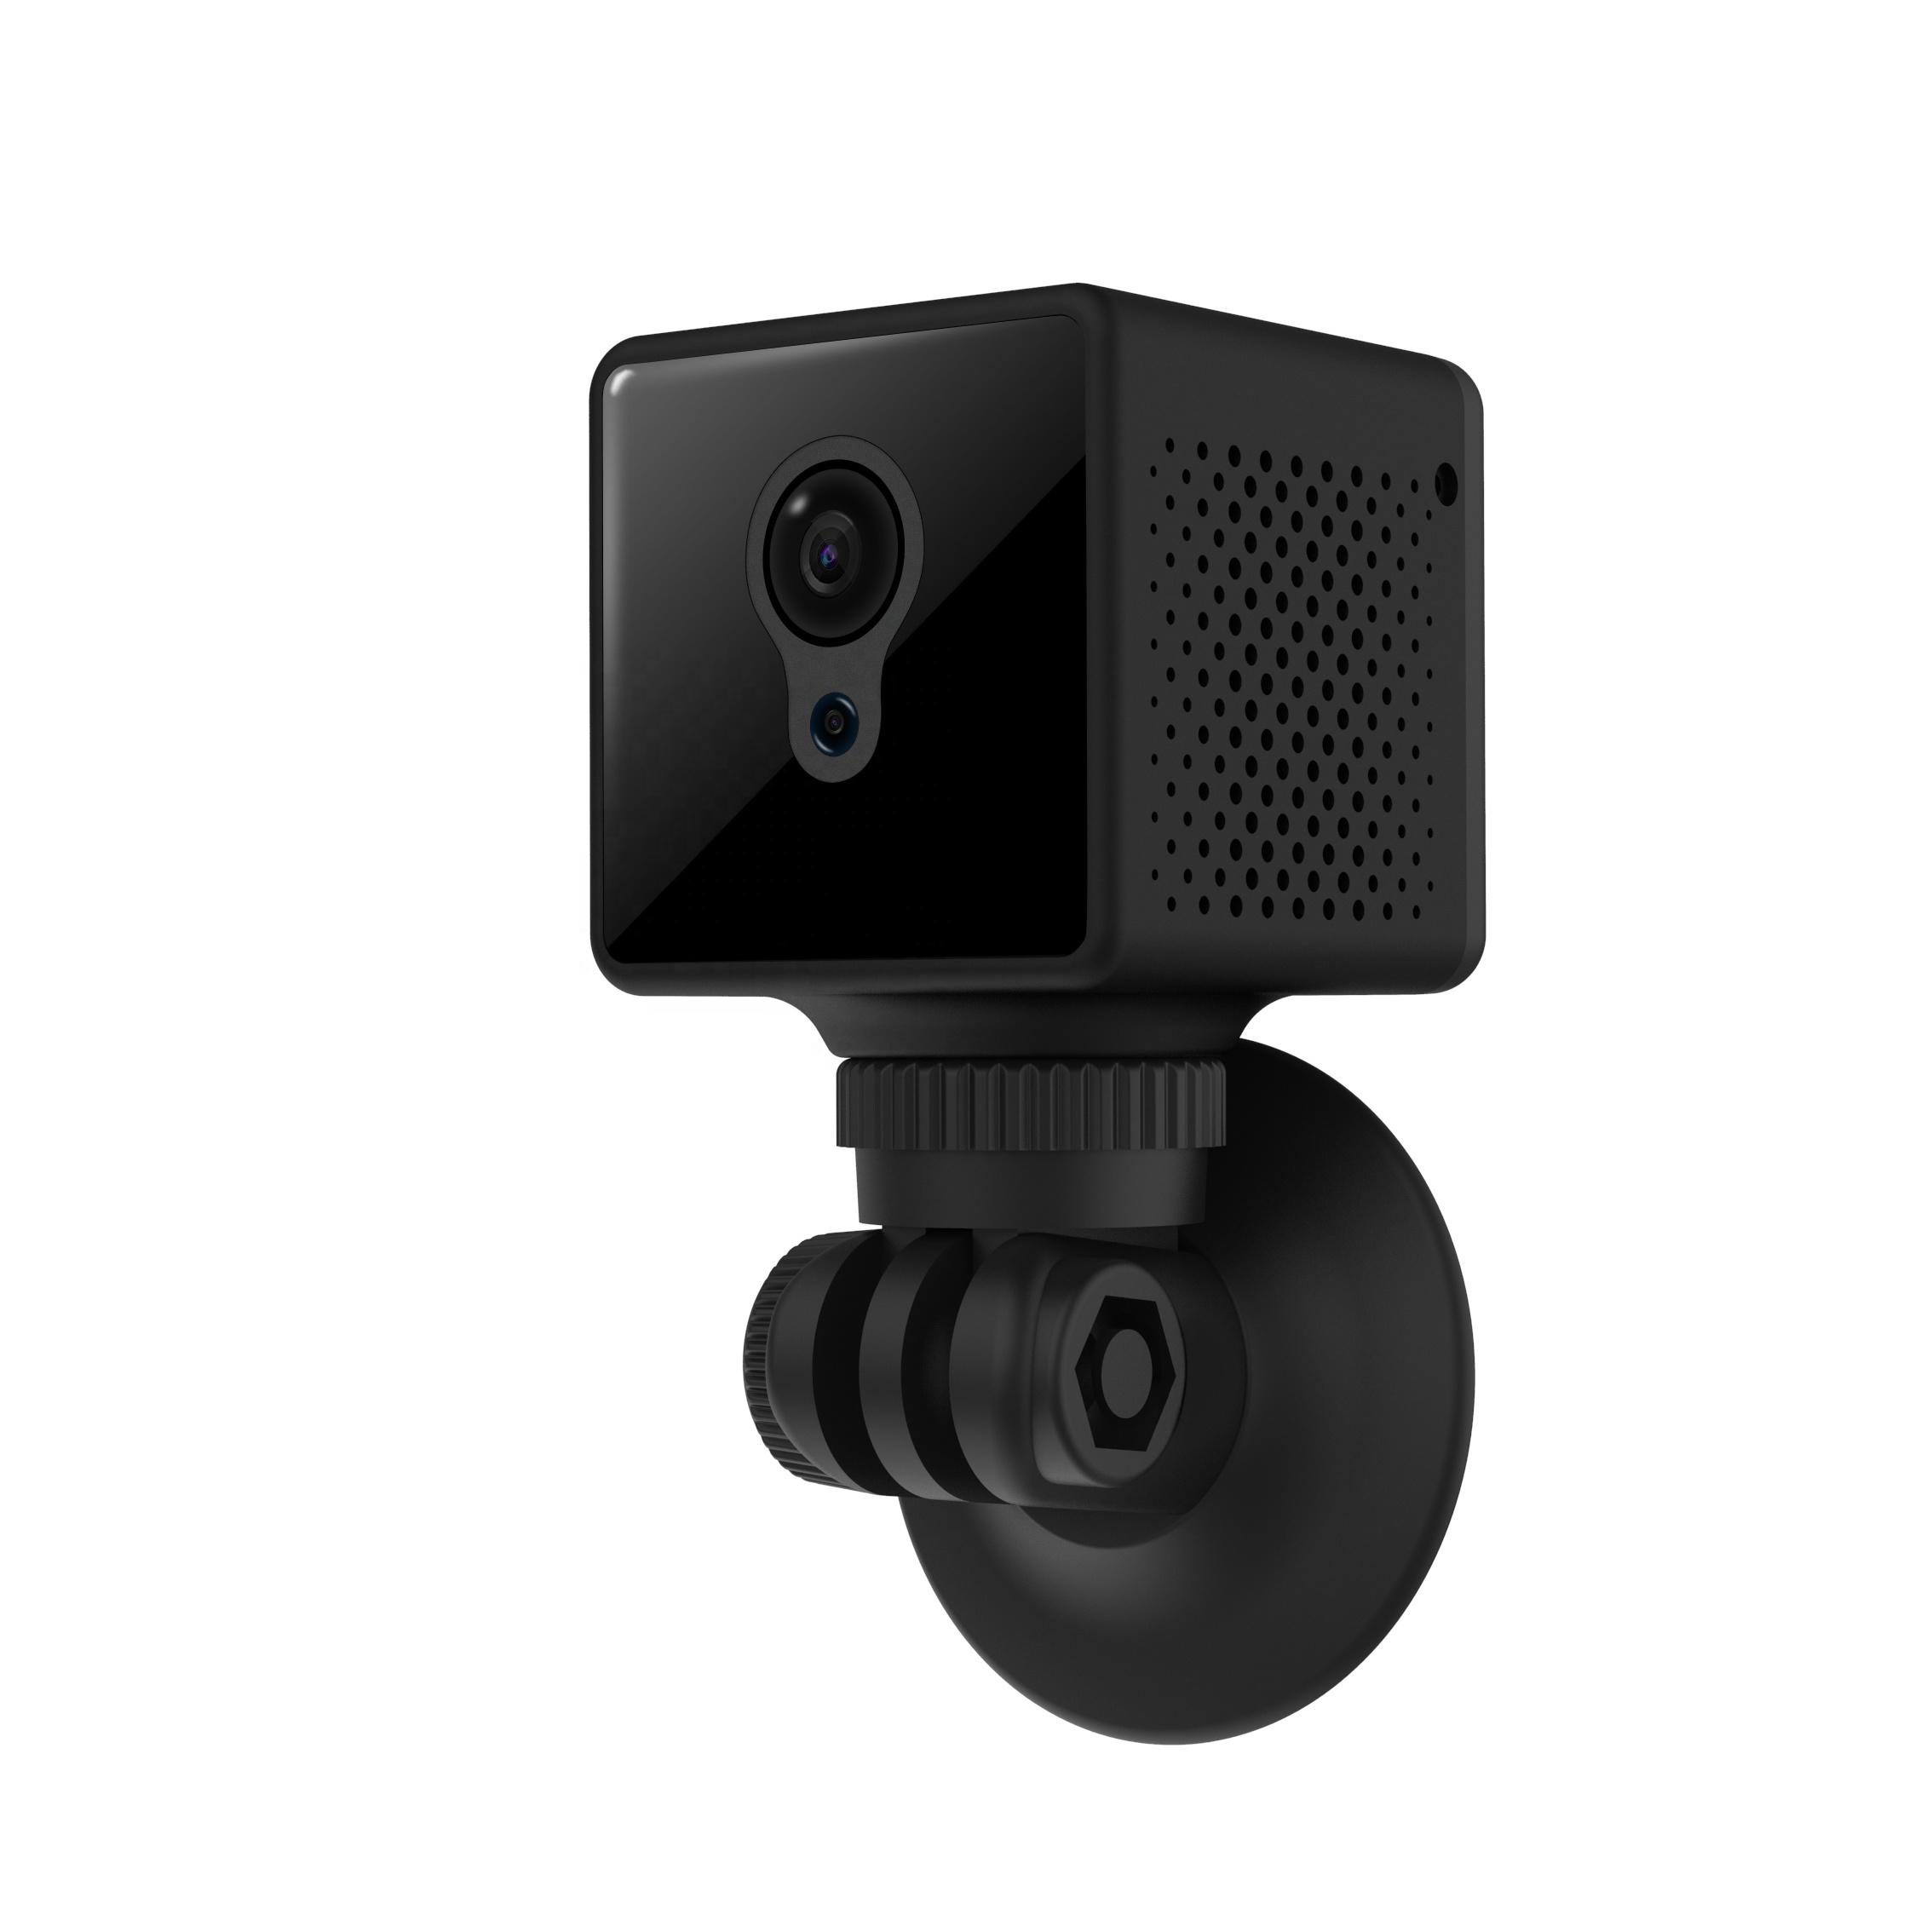 Mới Đến Pin Video Máy Quay Phim Kỹ Thuật Số Wifi Mini Máy Quay Phim Hidden Camera Cho Nhà Vệ Sinh